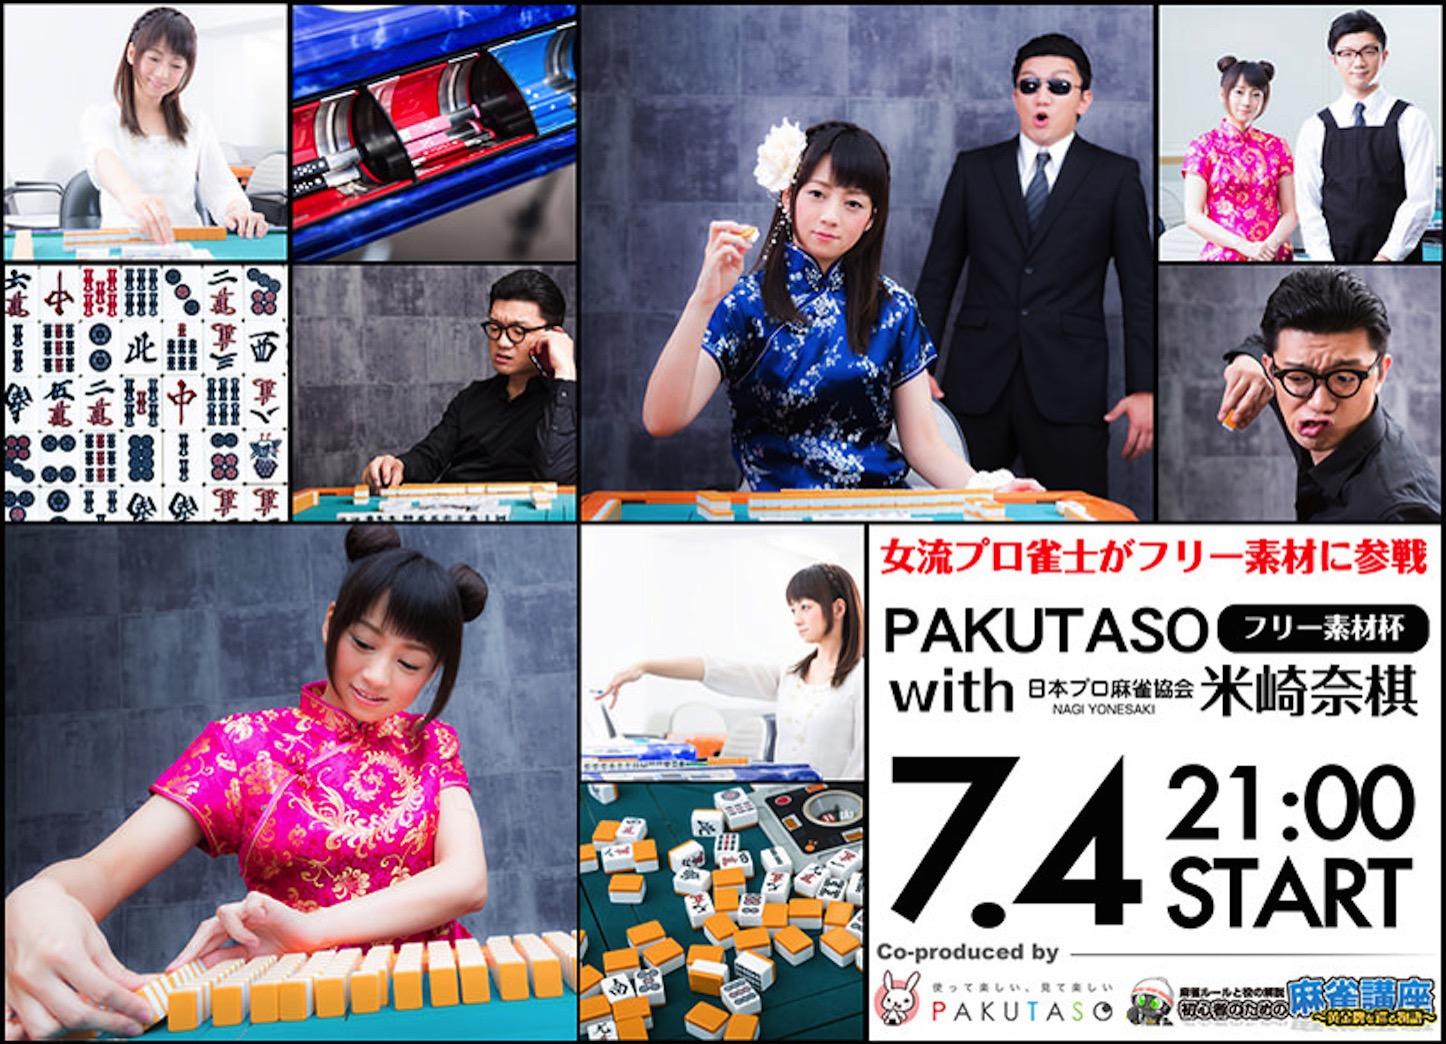 天鳳の公式大会「PAKUTASOフリー素材杯」を7月4日に開催へ